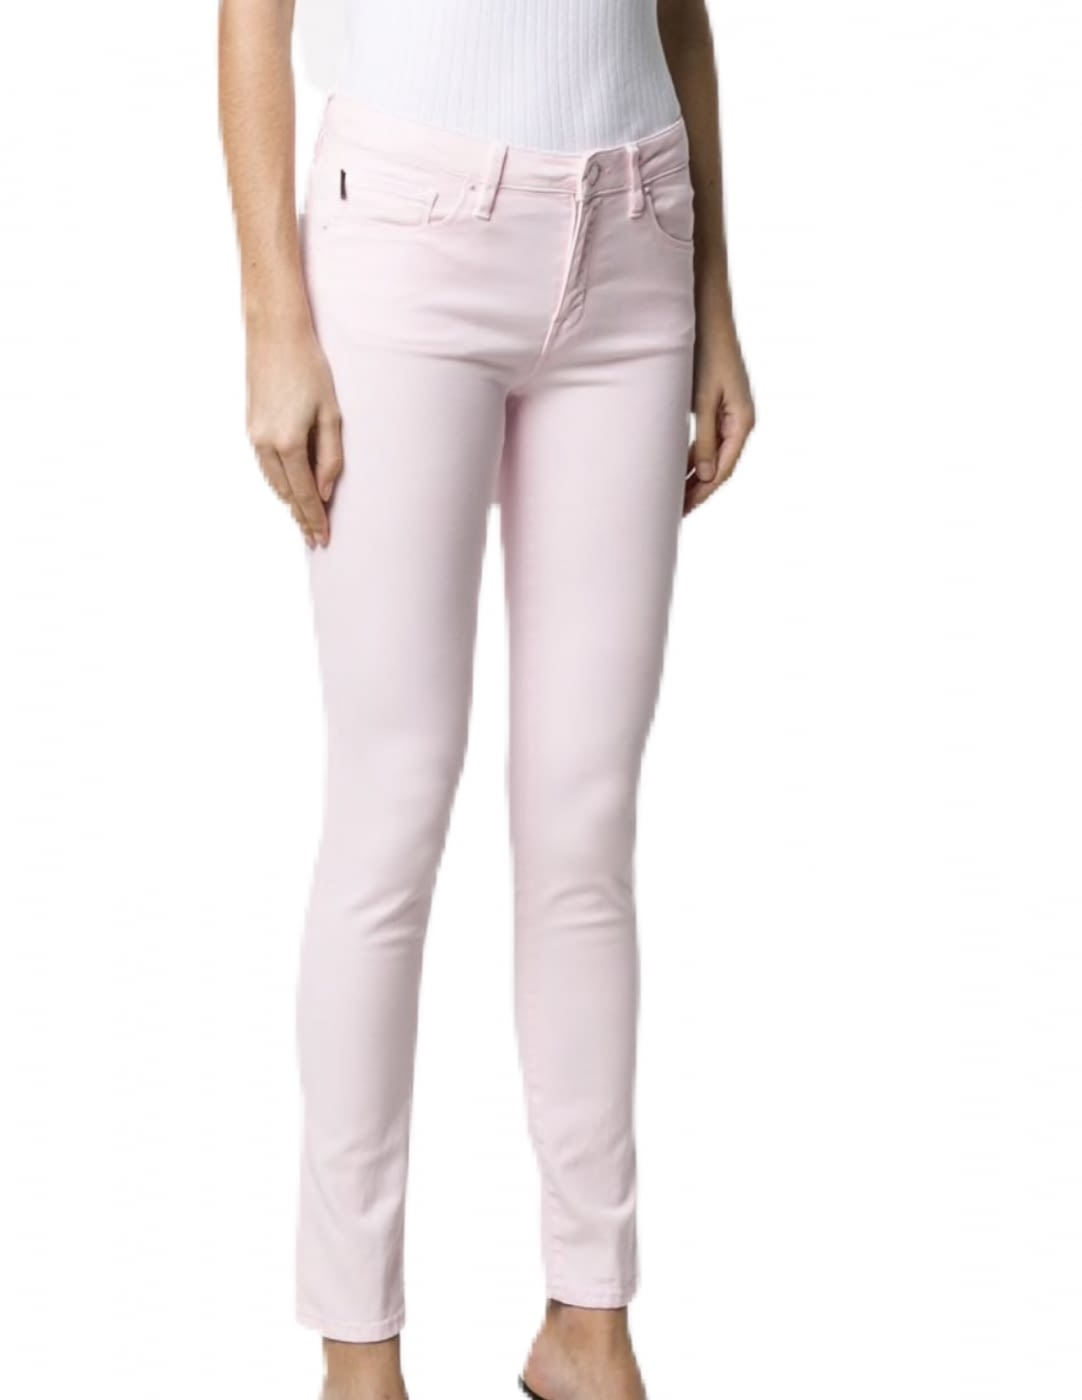 LOVE MOSCHINO pantalón rosa